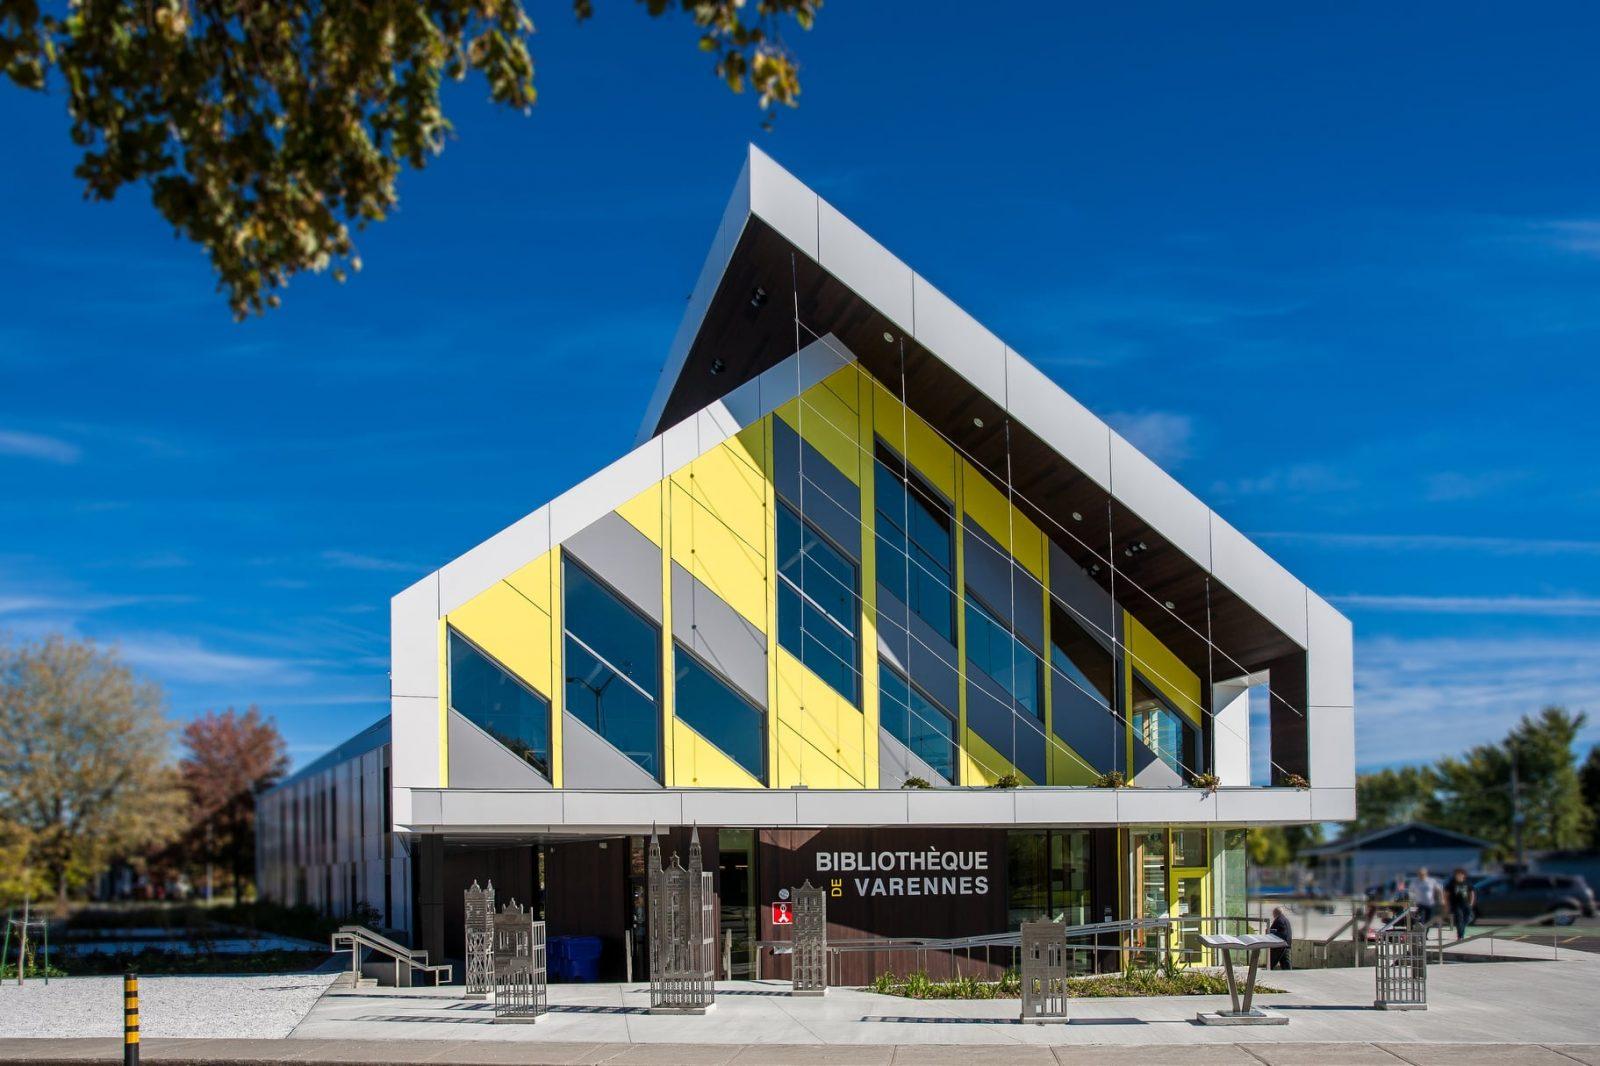 Réouverture de la bibliothèque de Varennes au public